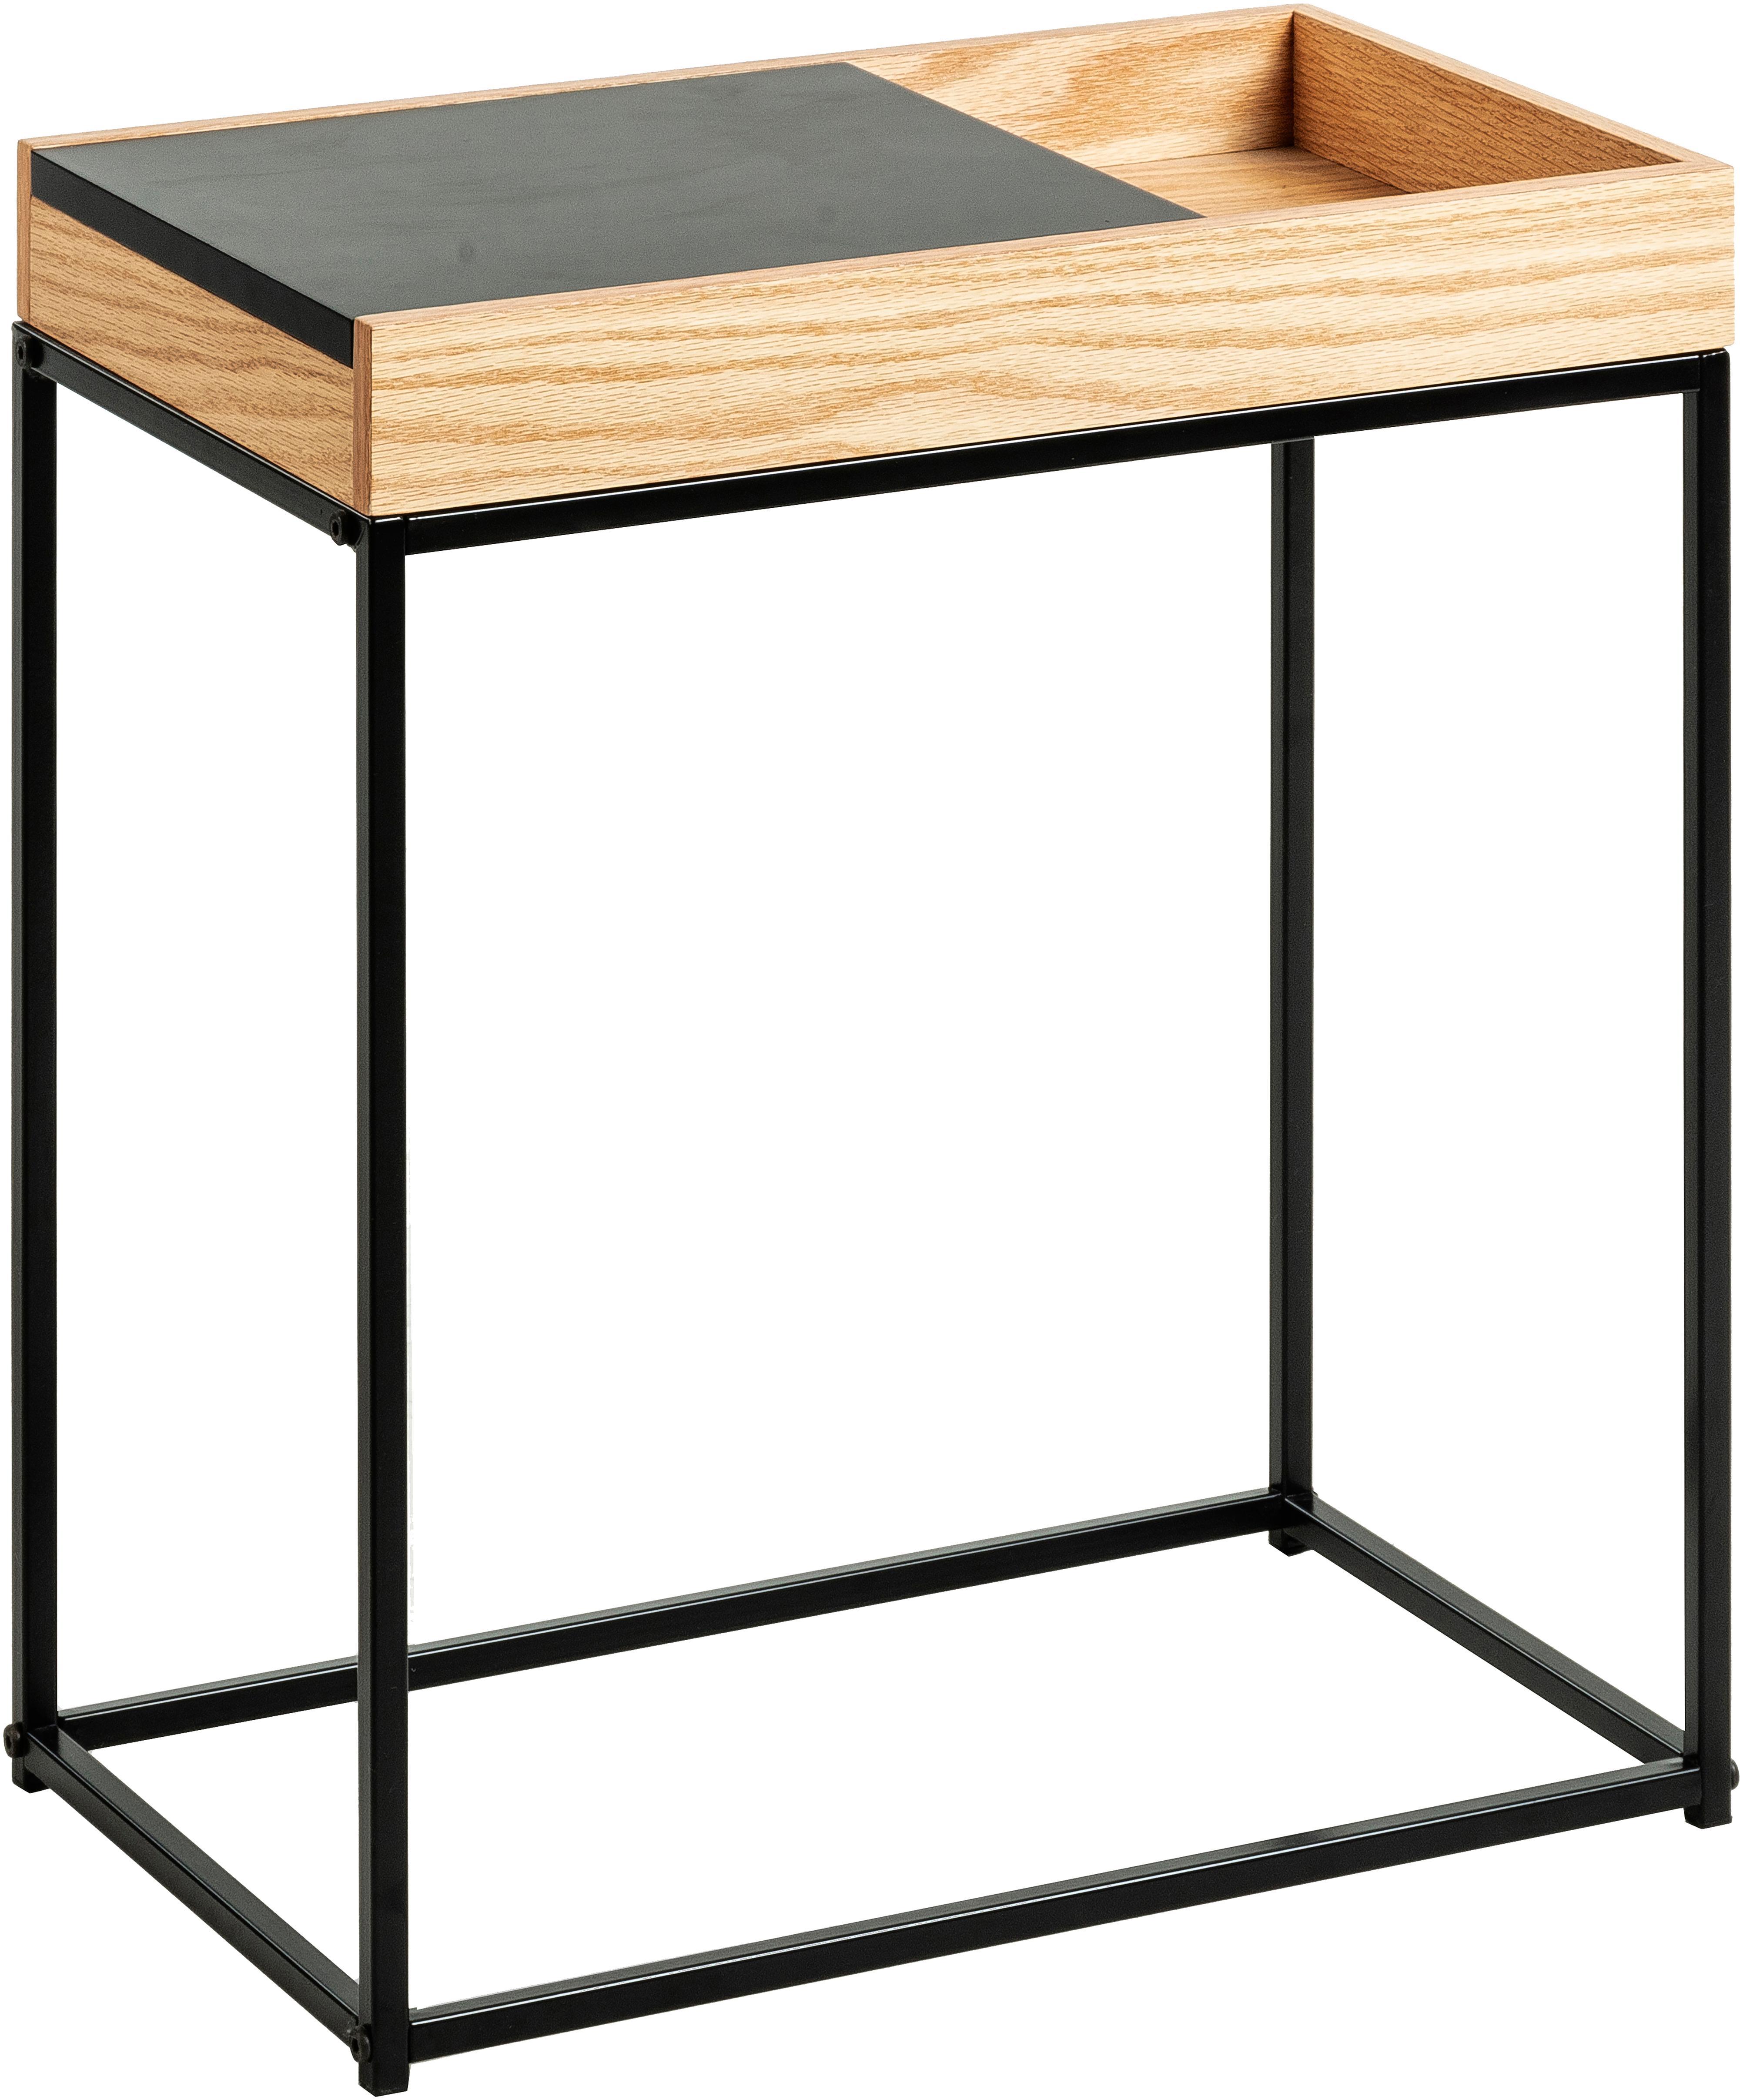 Stolik pomocniczy z przesuwaną pokrywą Detail, Nogi: metal lakierowany, Drewno dębowe, czarny, S 50 x G 30 cm